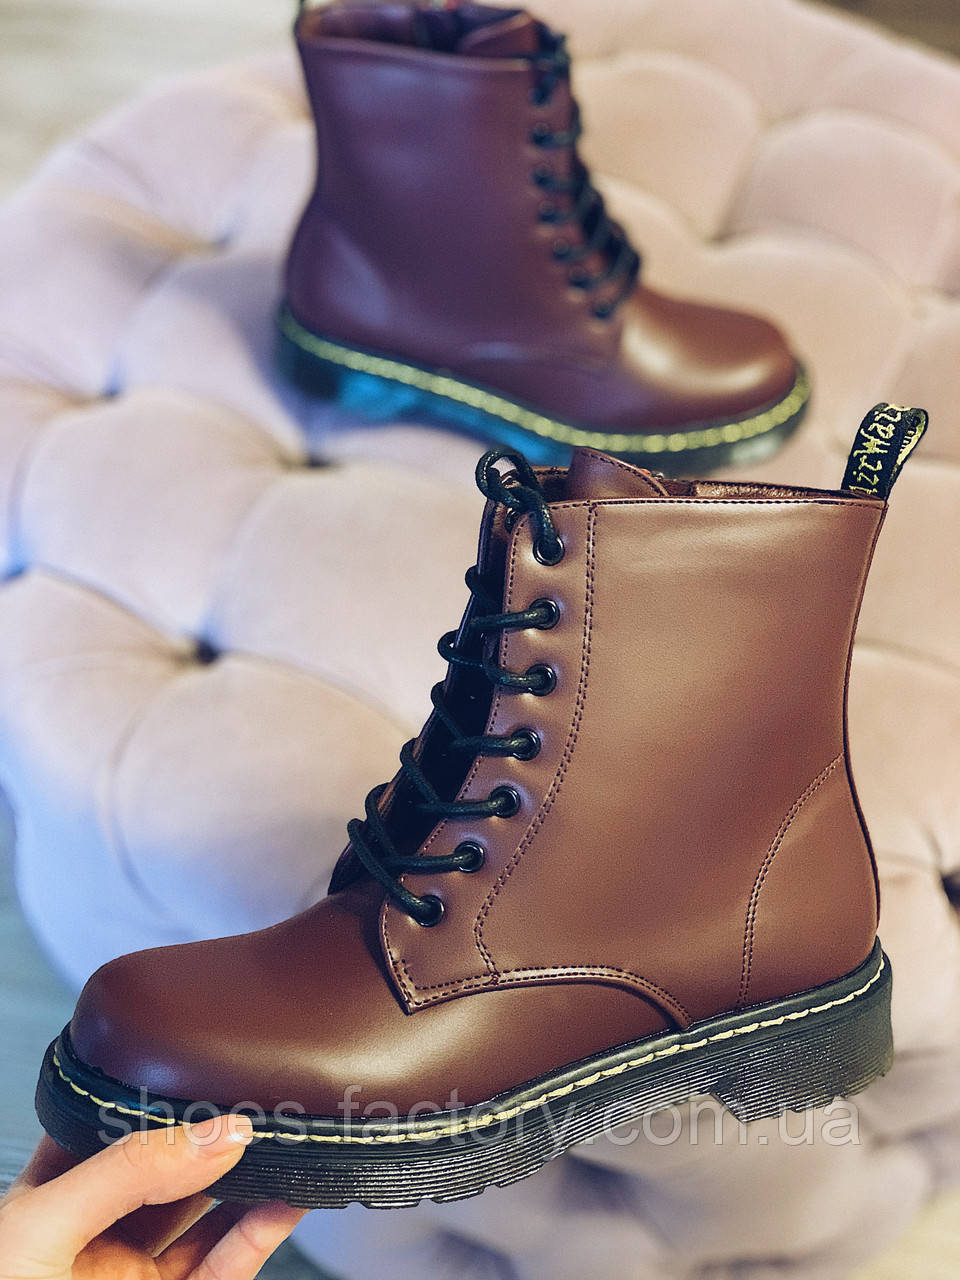 Осенние ботинки в стиле Dr. Martens Доктор Мартинс Бордовые